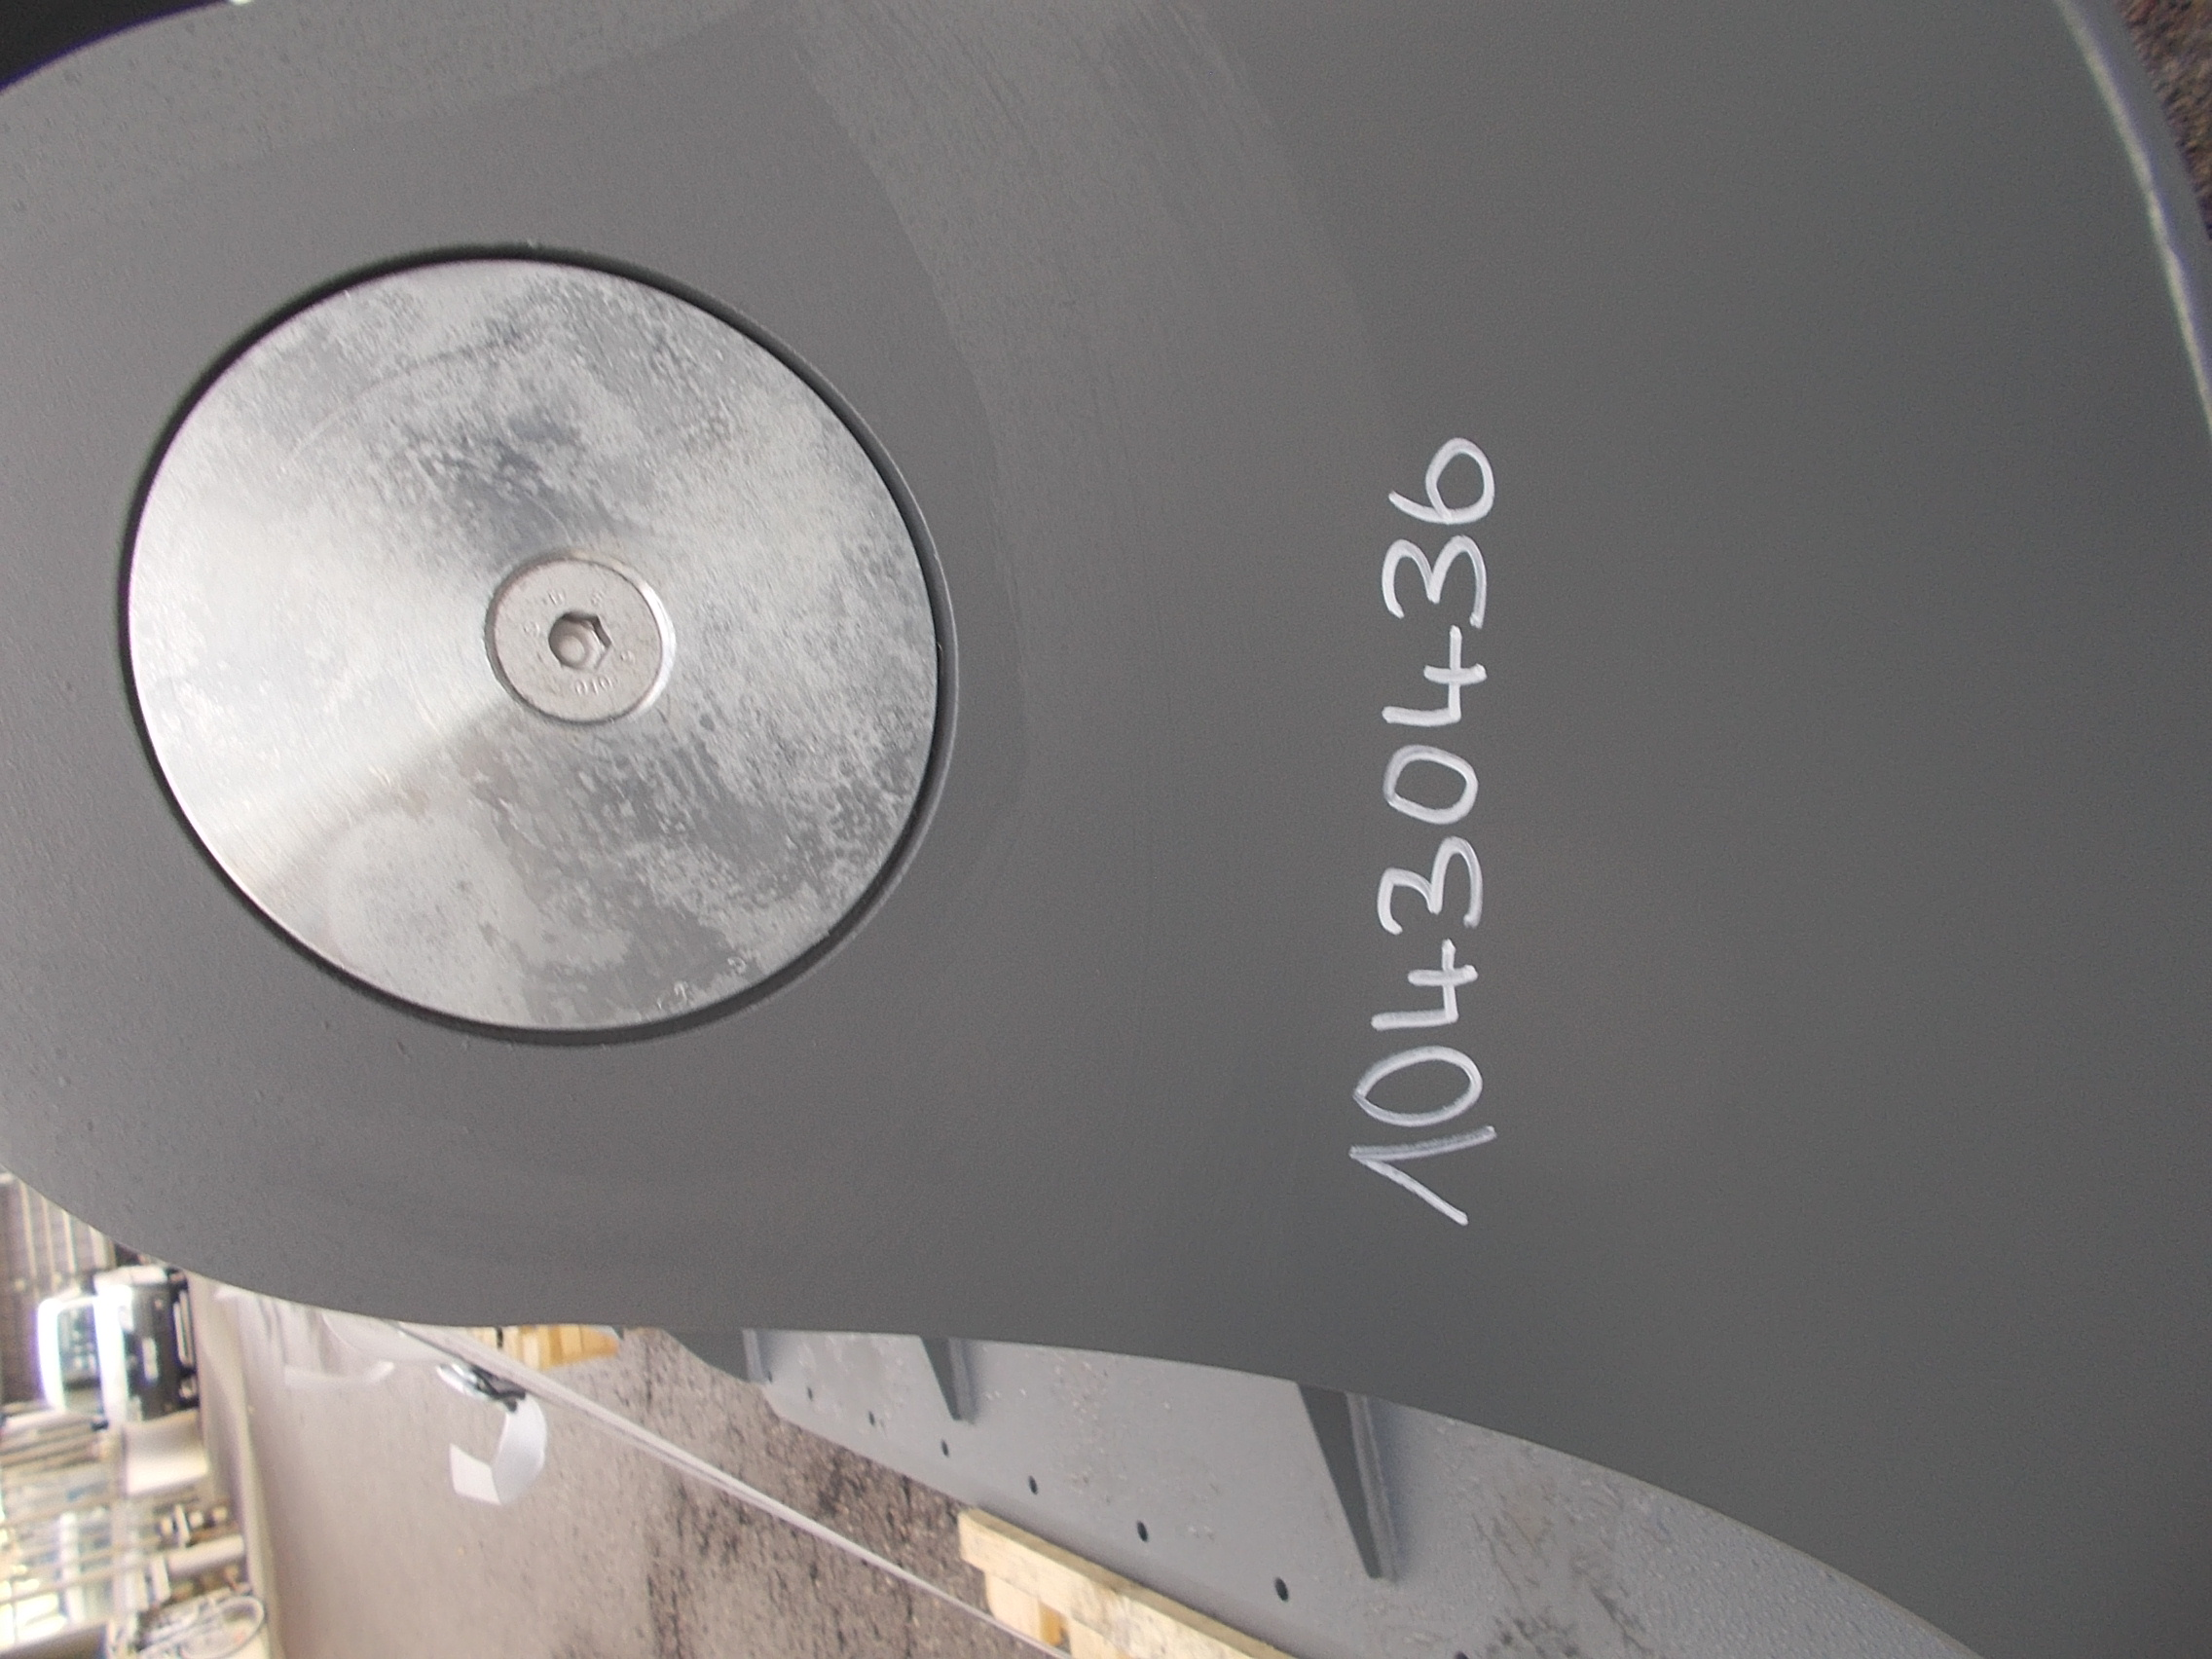 DSCN0305.JPG